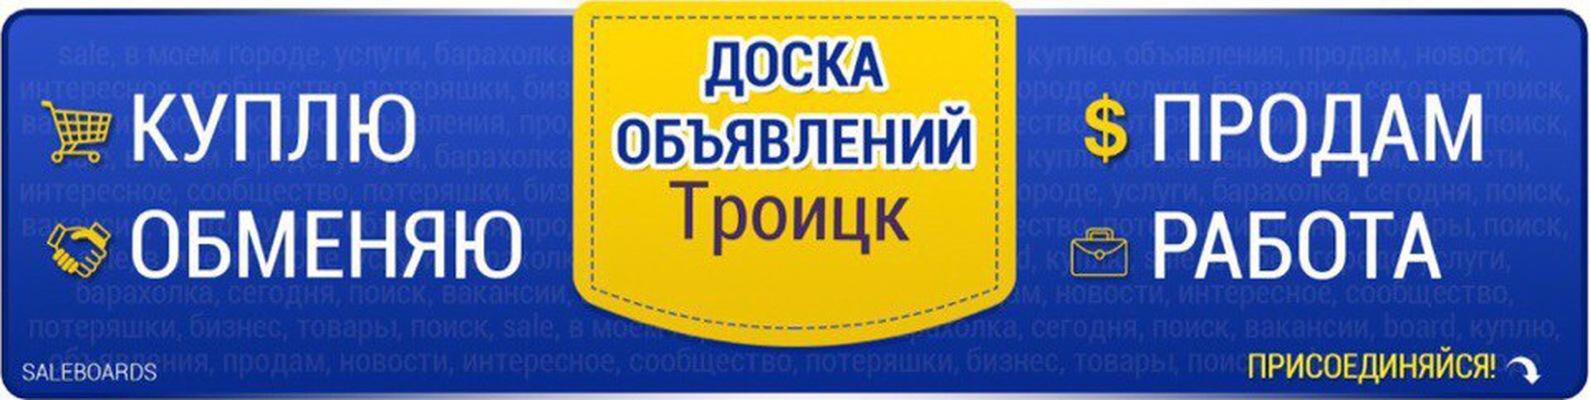 Купить медицинскую книжку г Троицк